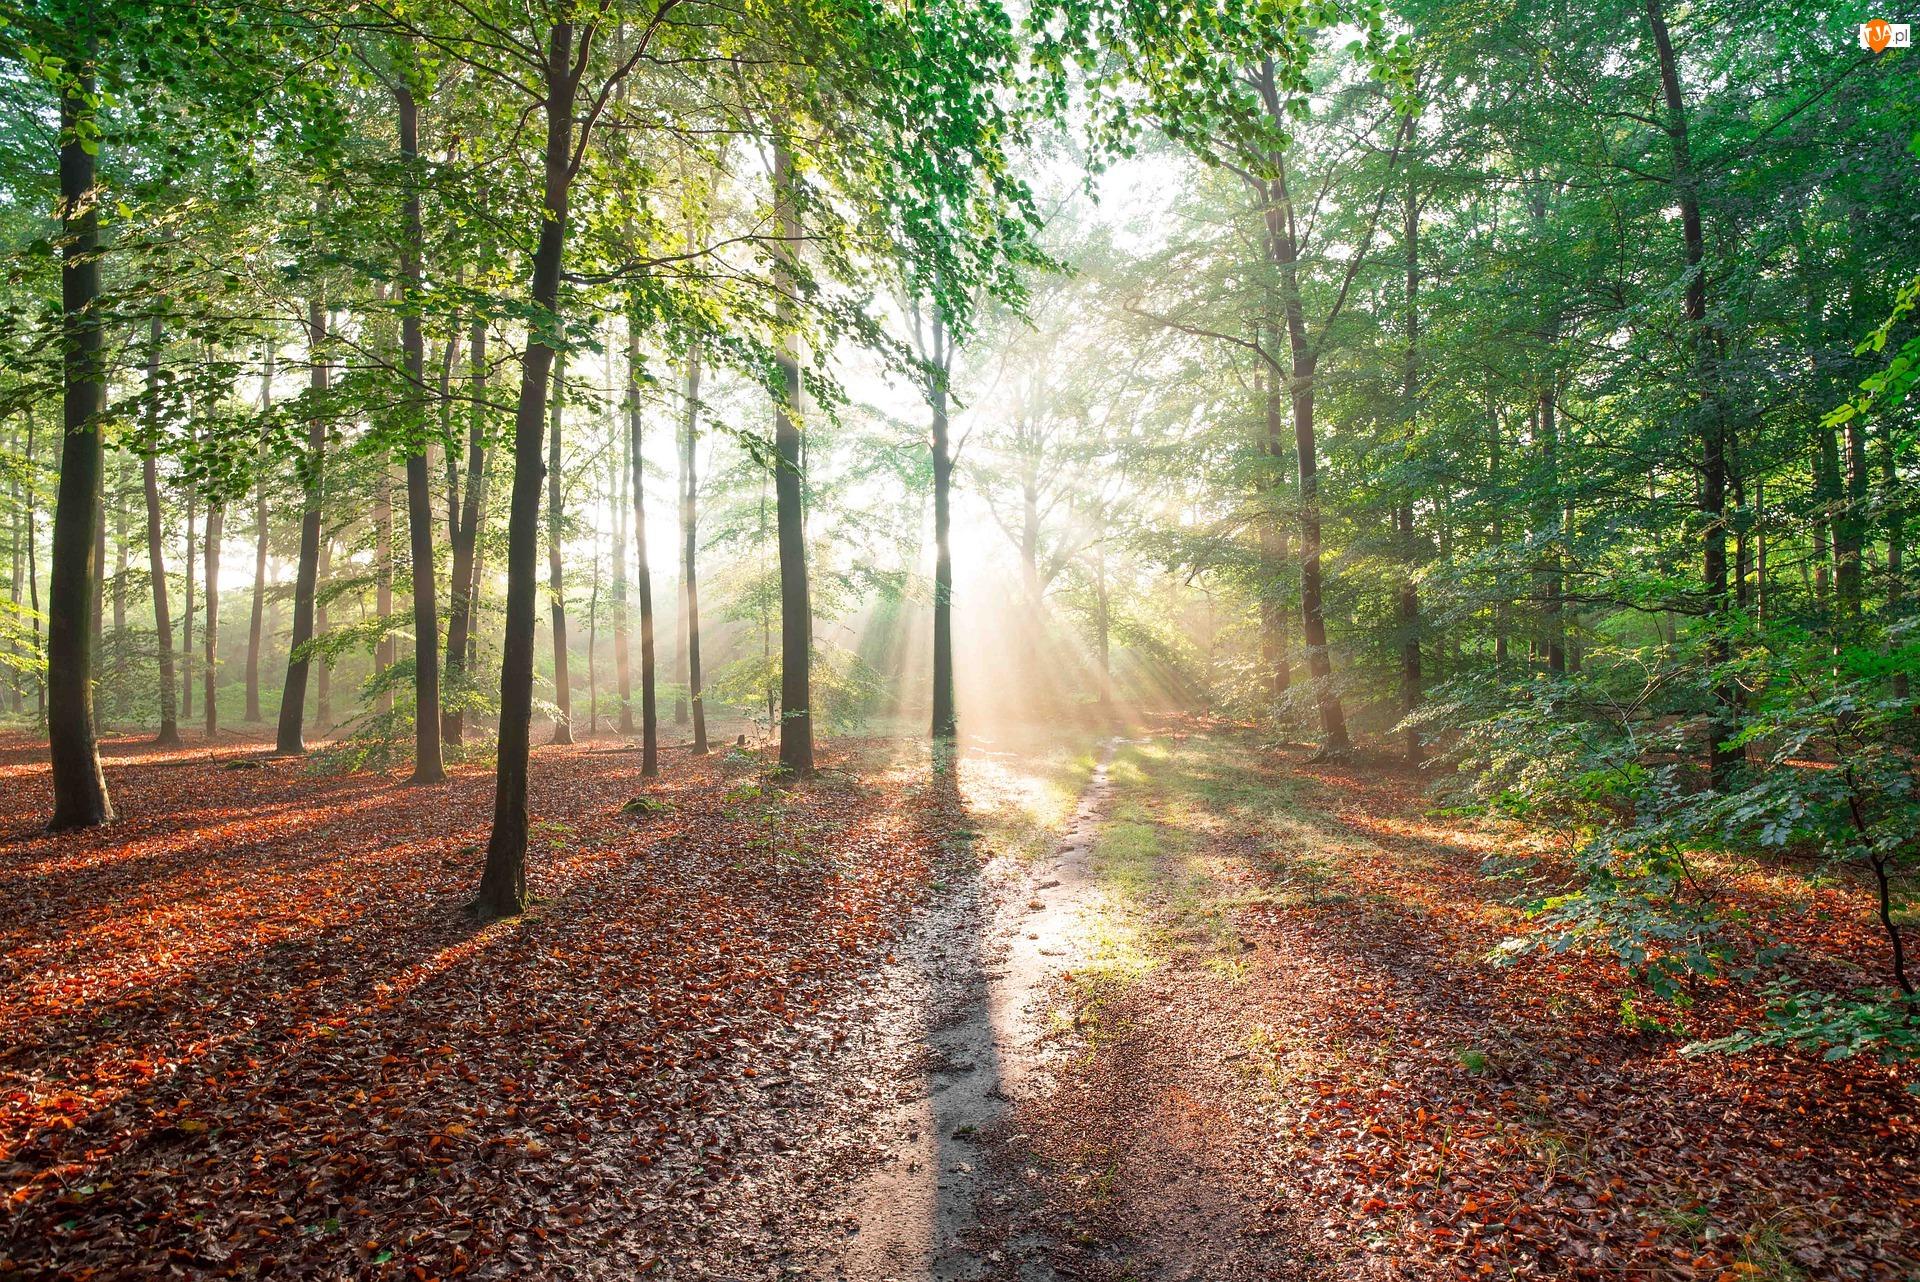 Drzewa, Przebijające Światło, Zielone, Las, Ścieżka